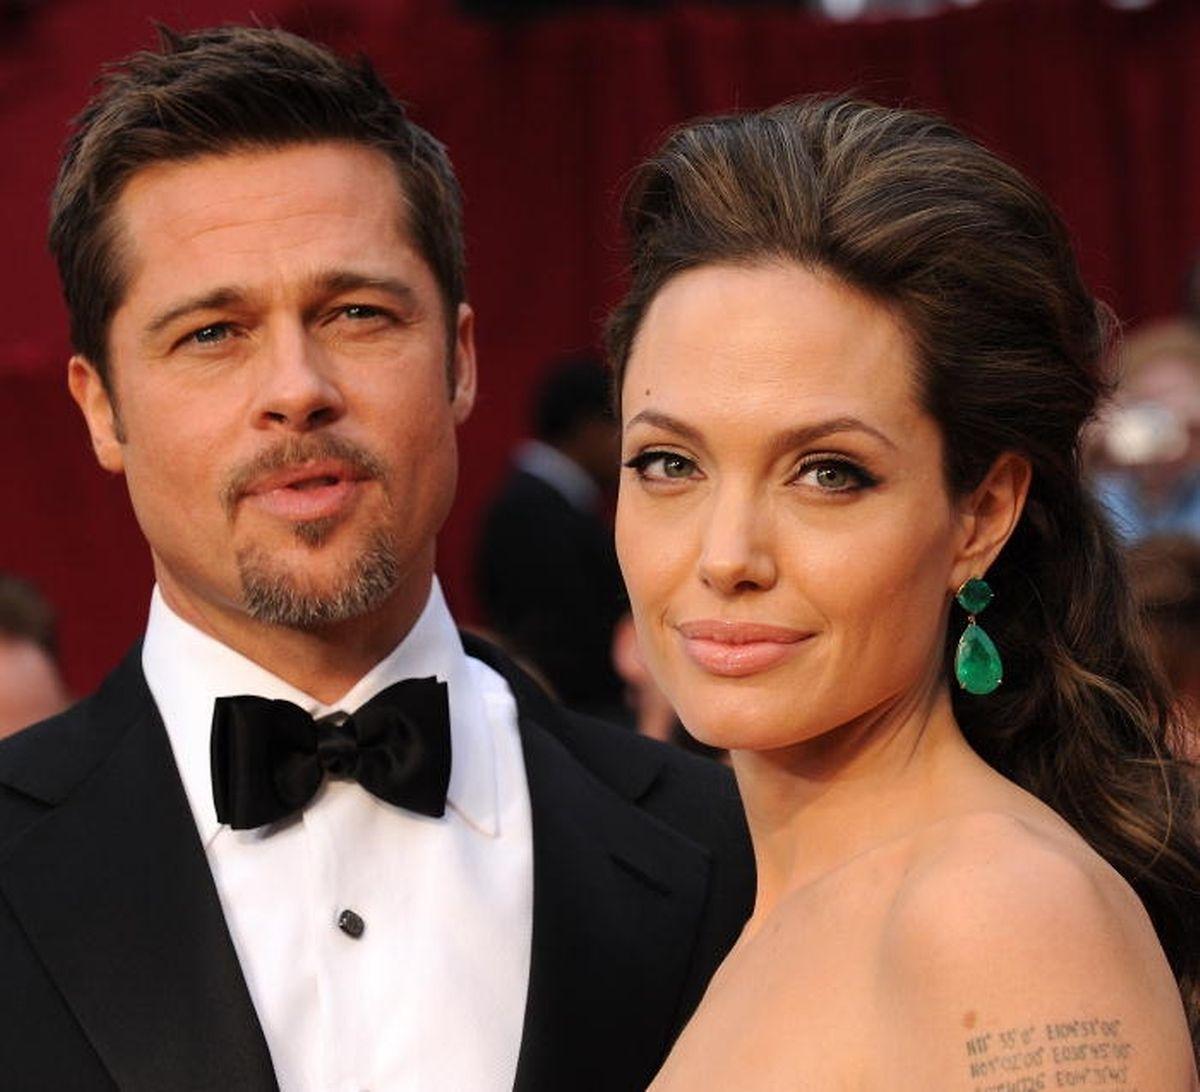 Brad Pitt und Angelina Jolie waren bis zur Scheidung im Jahr 2016 das Hollywood-Traumpaar.